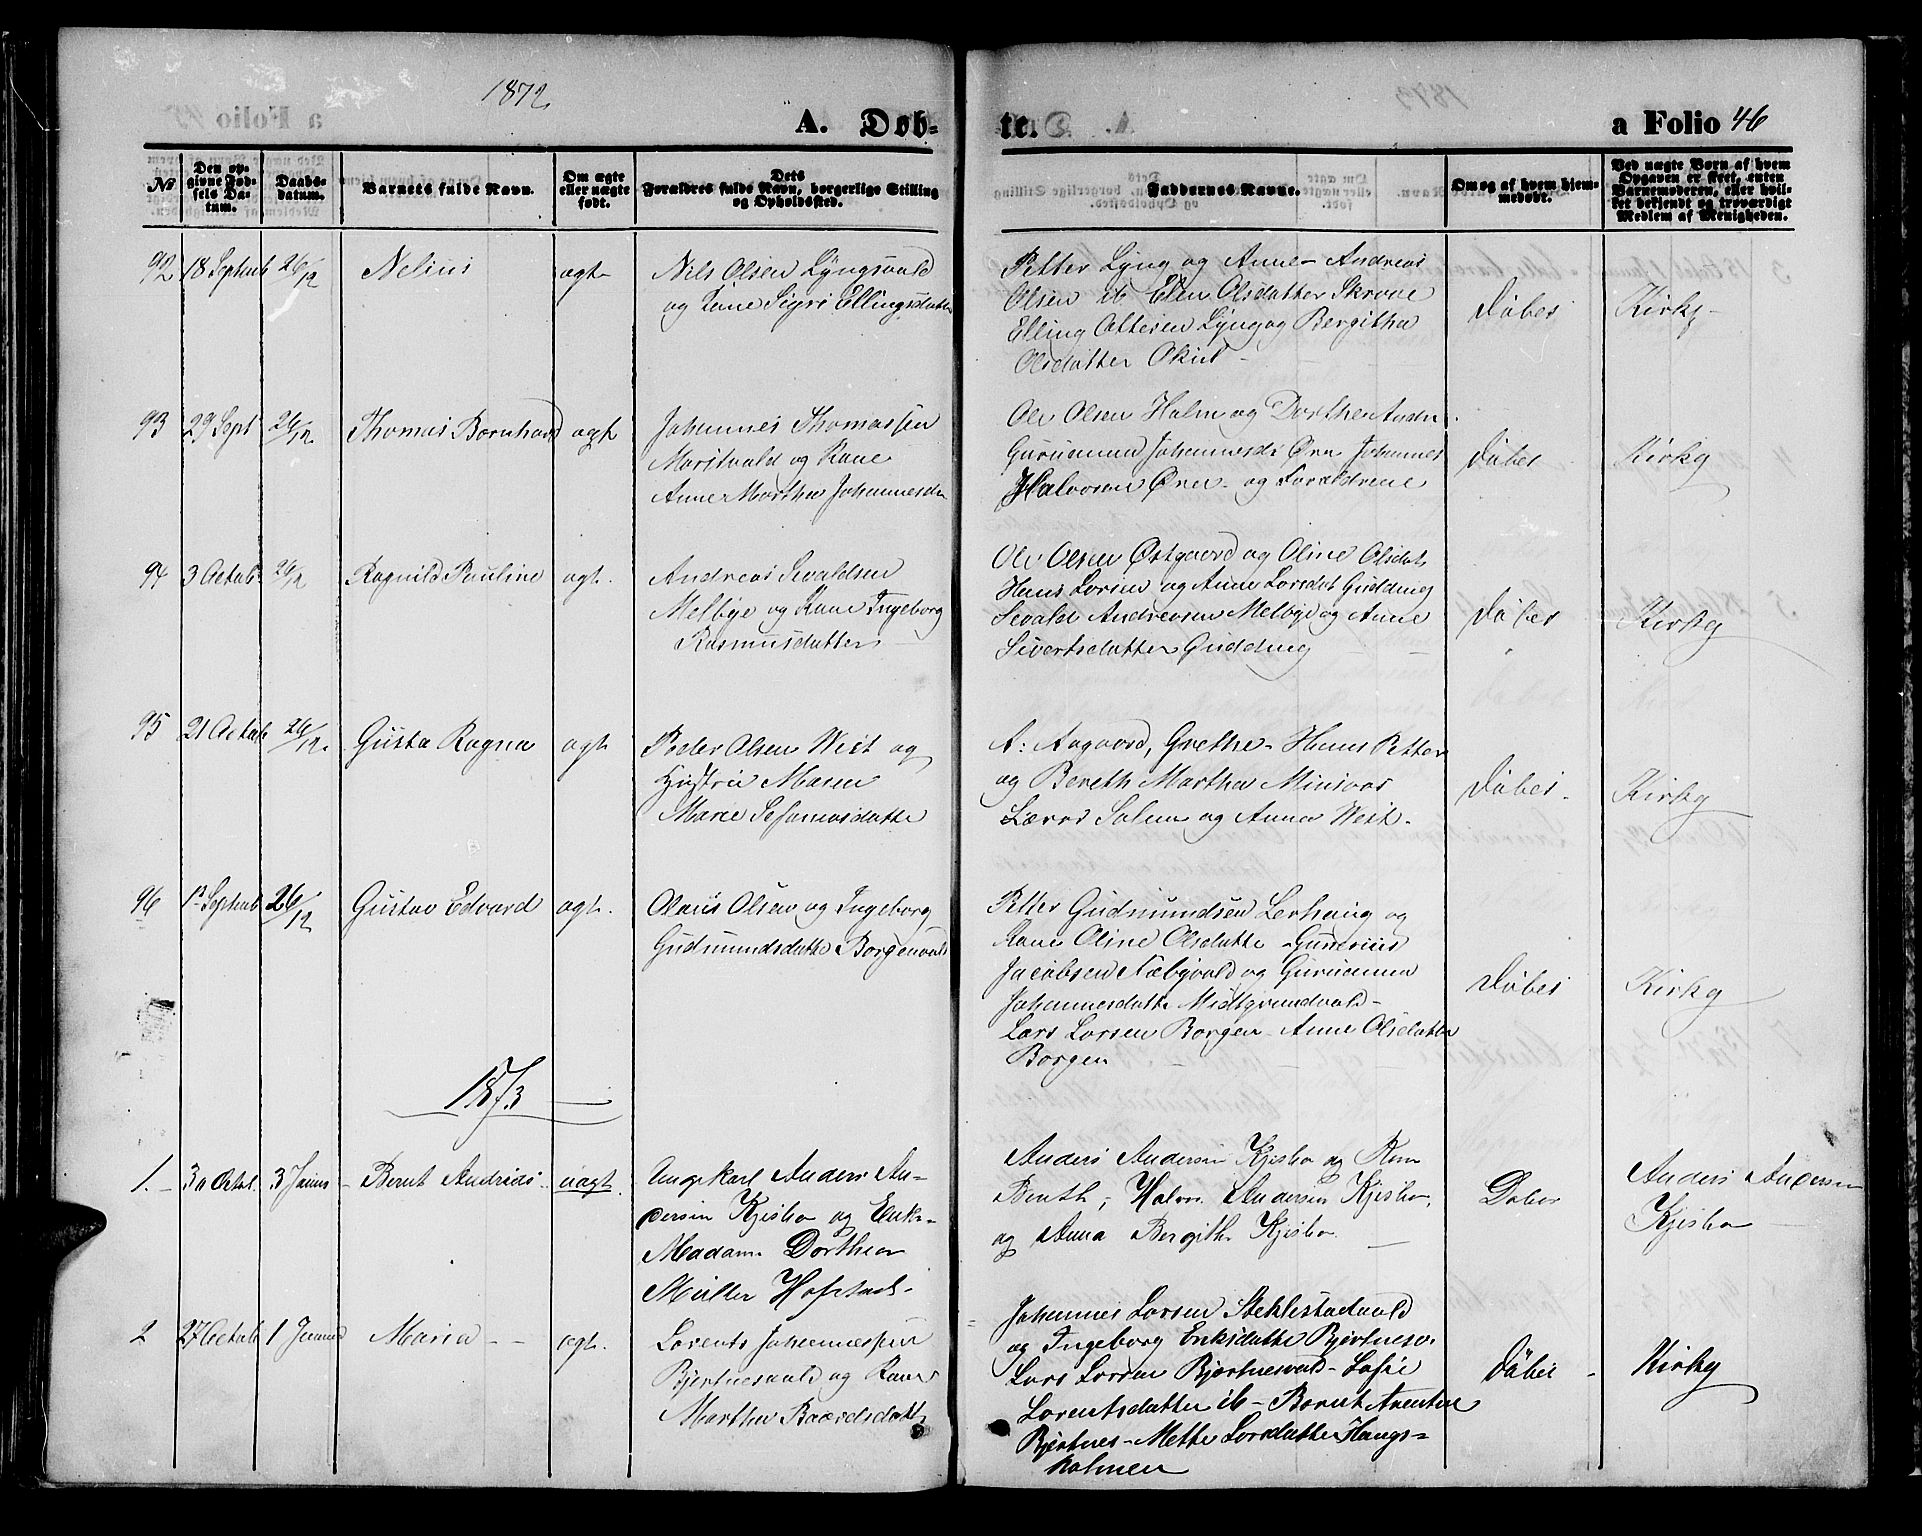 SAT, Ministerialprotokoller, klokkerbøker og fødselsregistre - Nord-Trøndelag, 723/L0255: Klokkerbok nr. 723C03, 1869-1879, s. 46